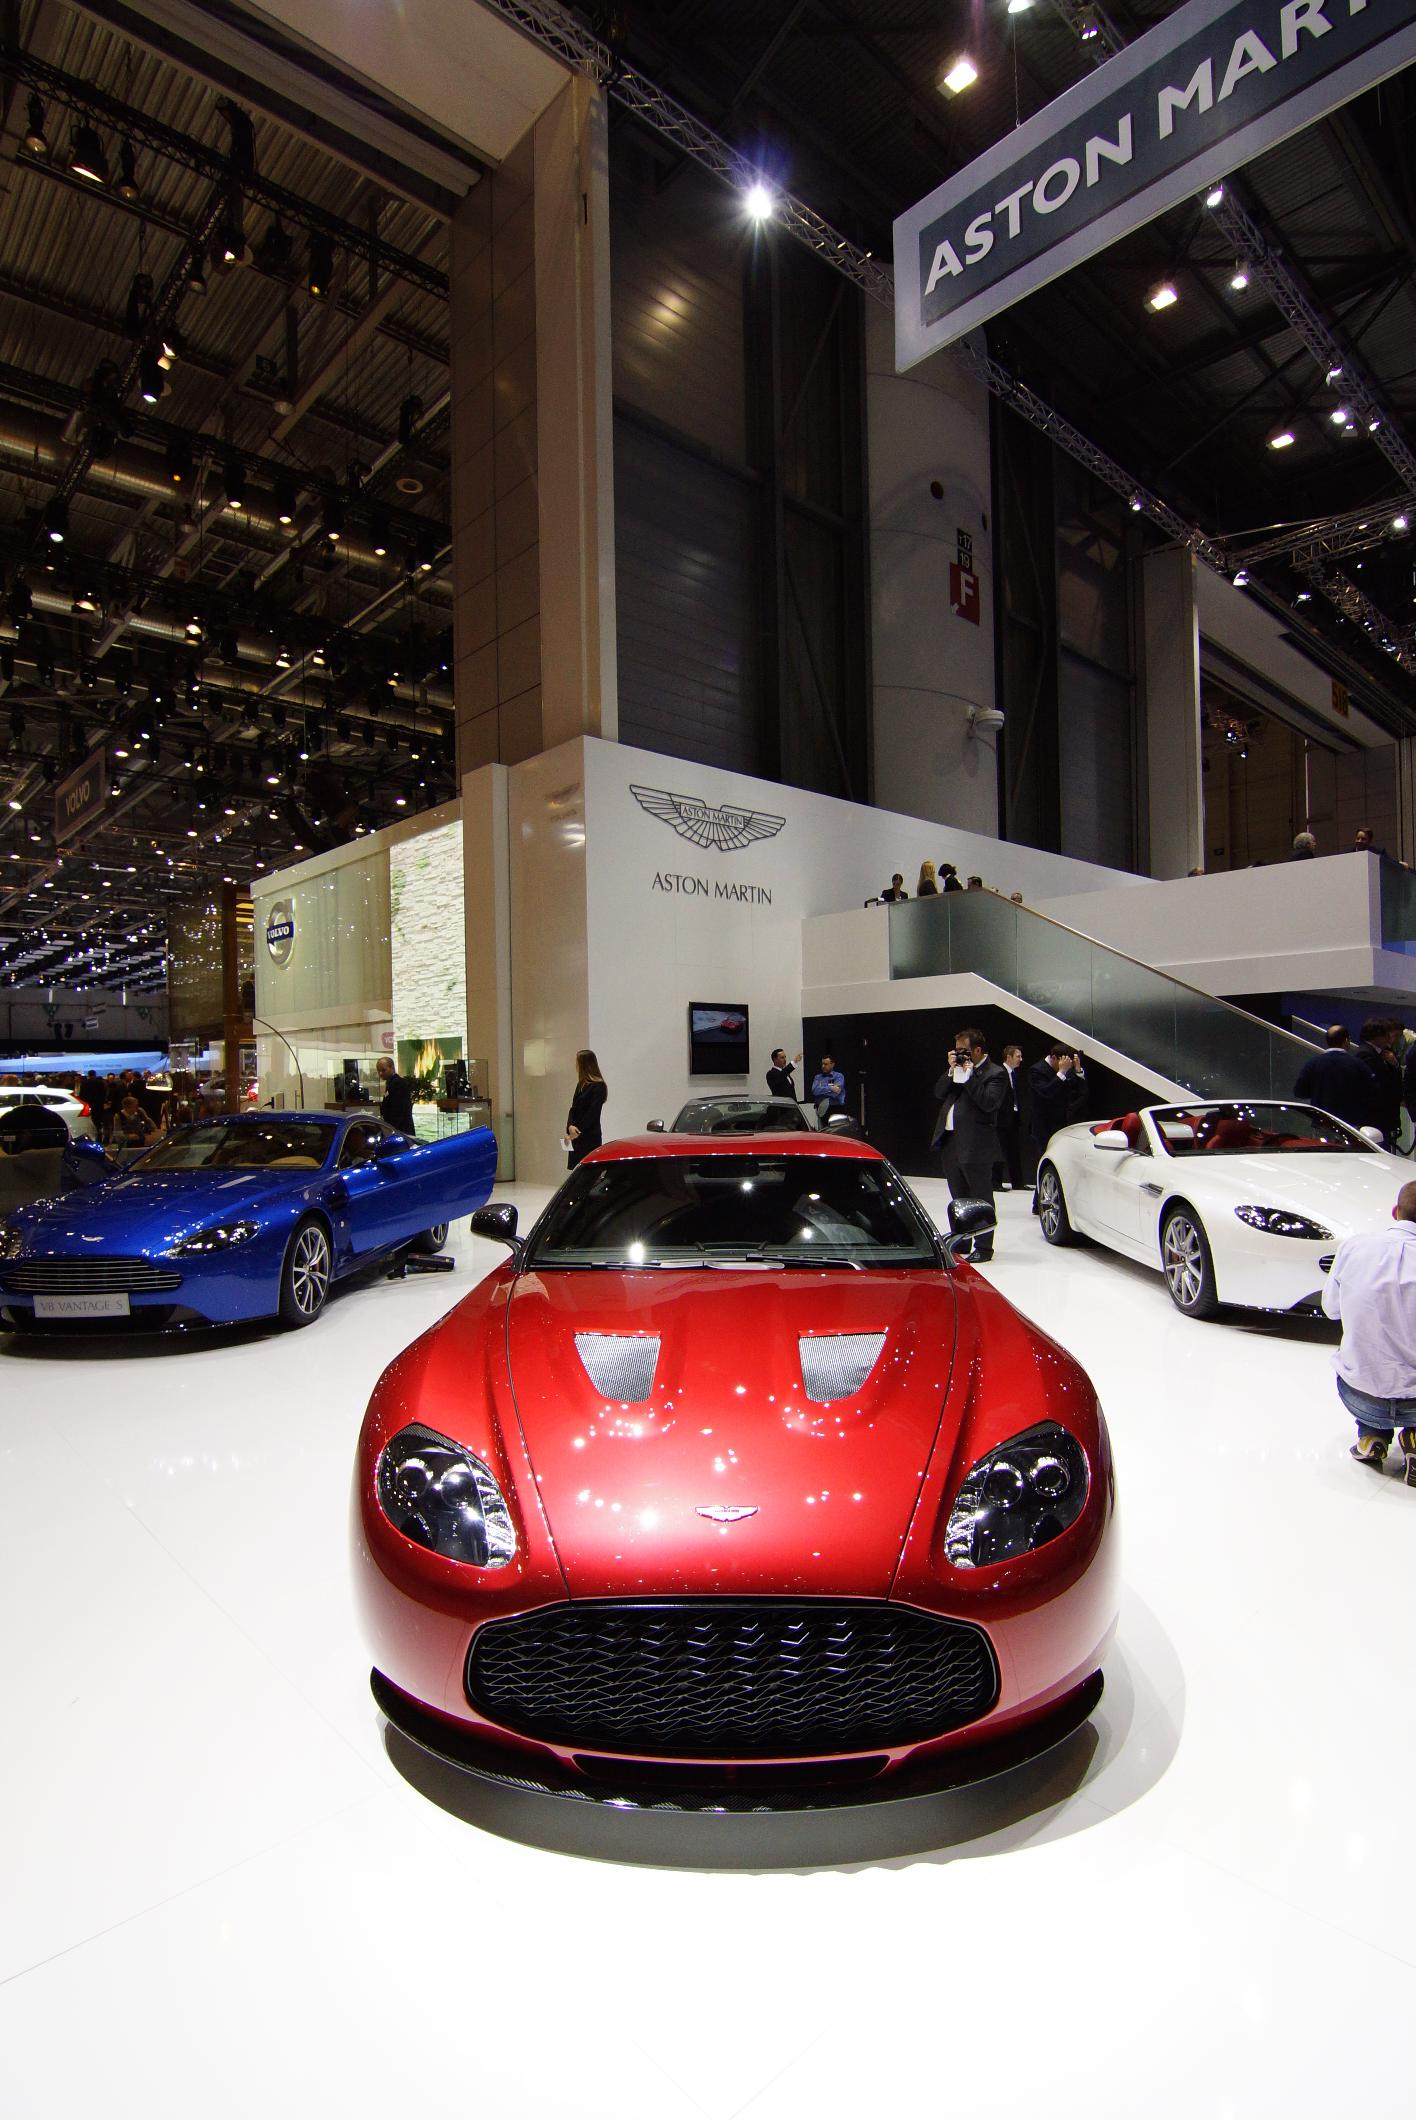 Aston Martin V12 Zagato Geneva 2012 Front 2